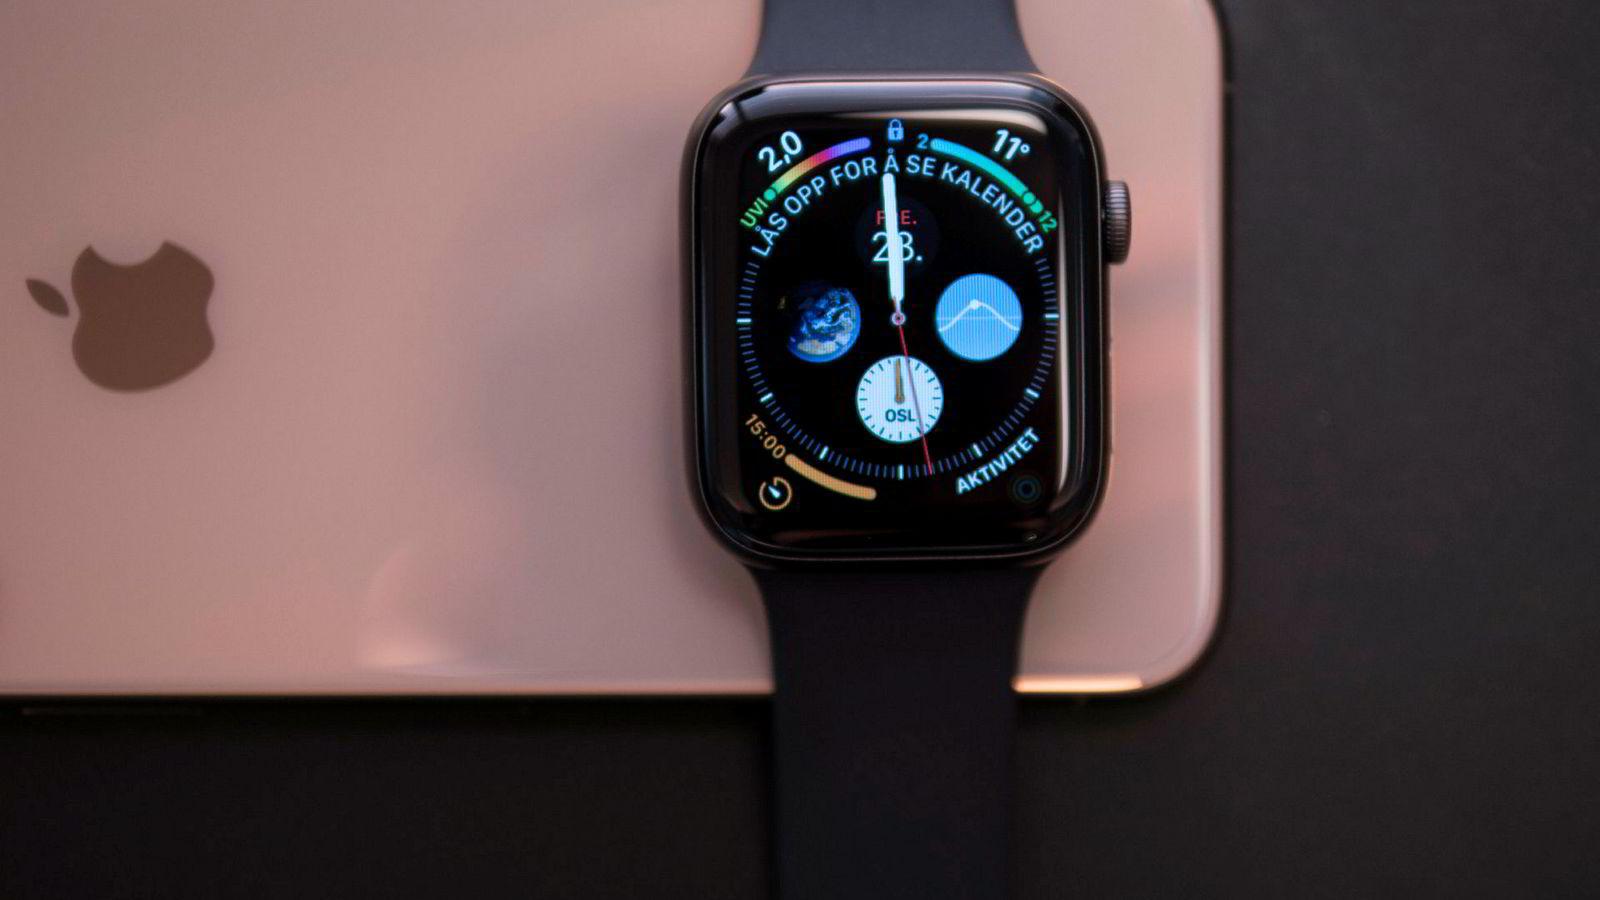 Apple Watch 4 har cirka 30 prosent større skjerm enn forgjengerne. Men den viktigste nyheten er ikke kommet ennå.